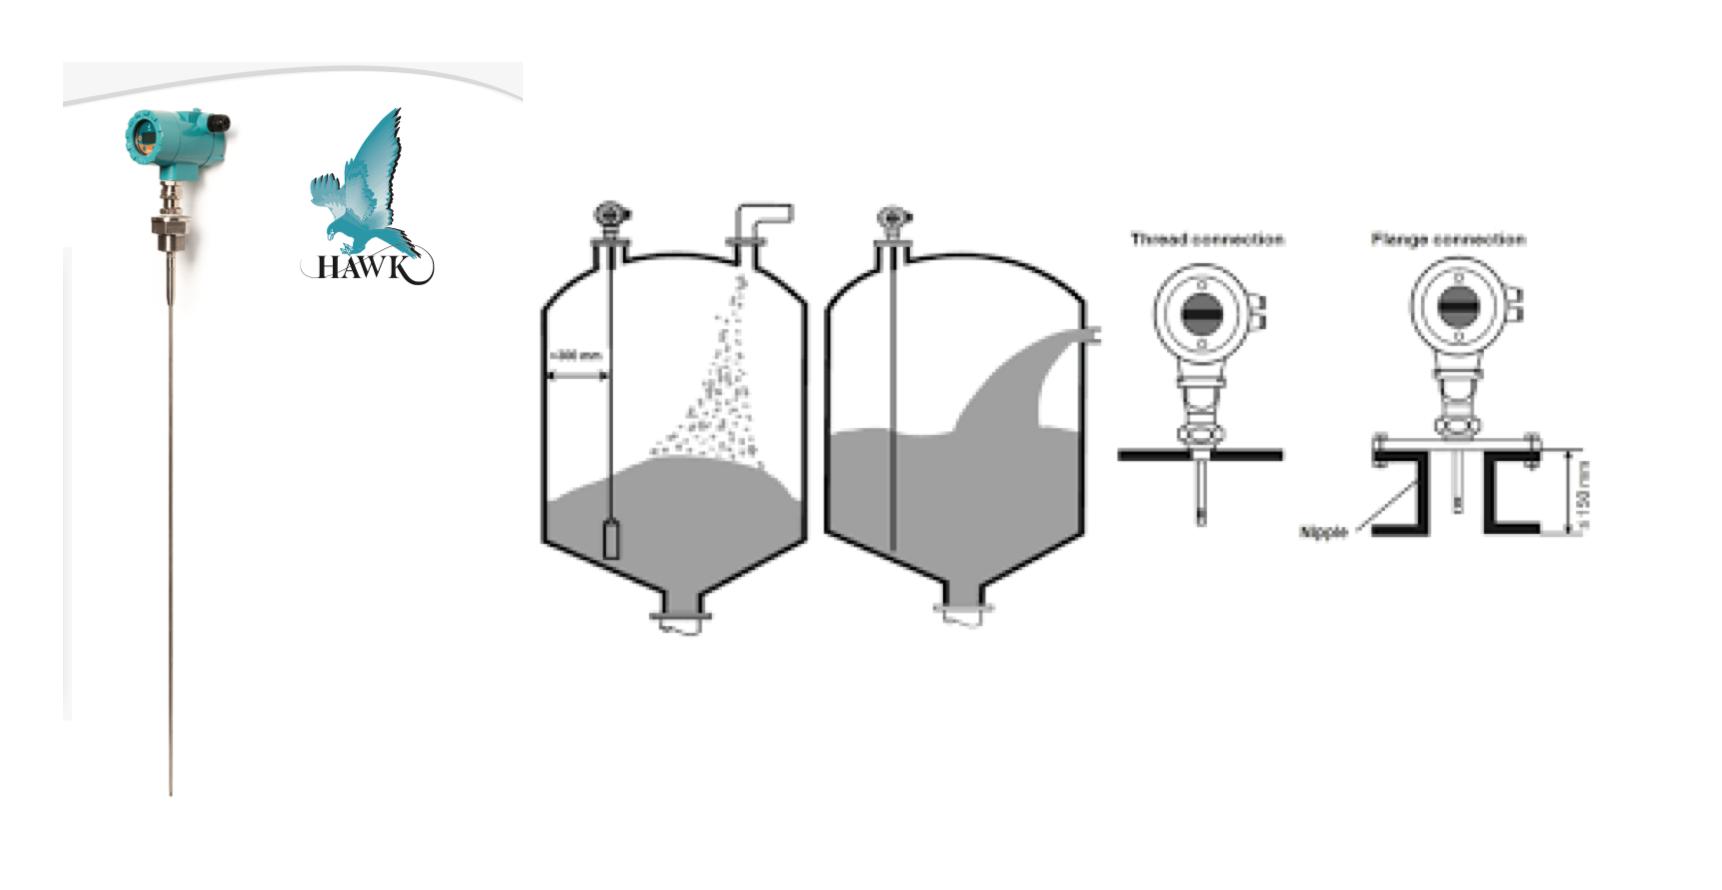 Cảm biến đo chất lỏng theo phương pháp điện dung